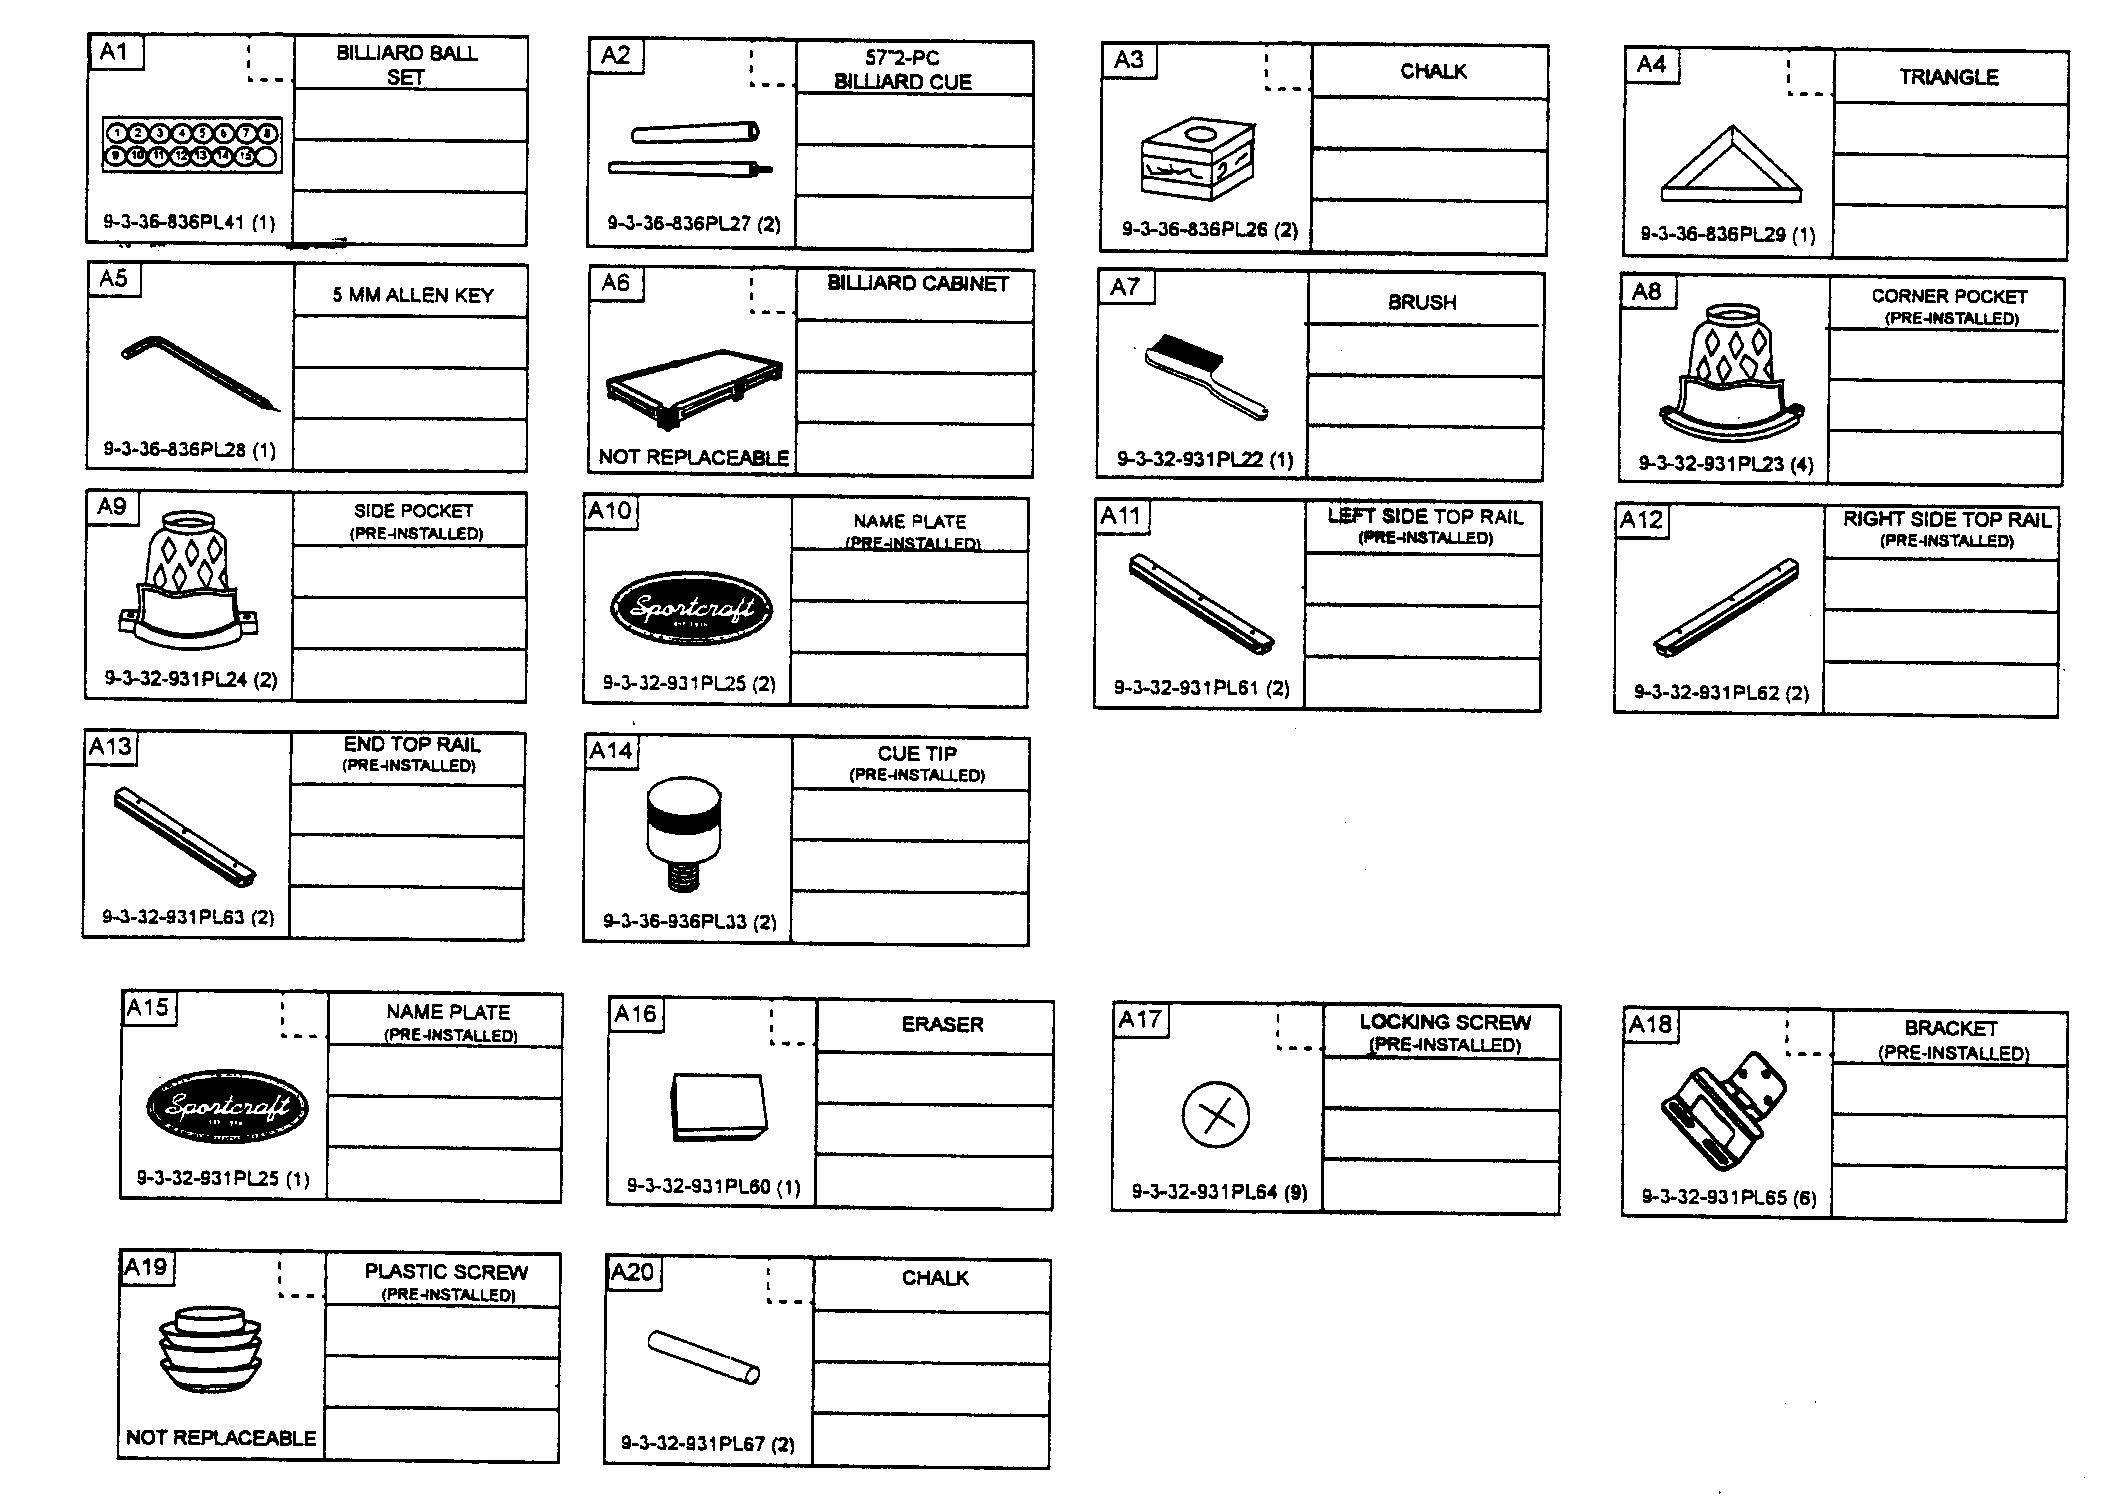 ACCESSORIES Diagram & Parts List for Model 1132931pl